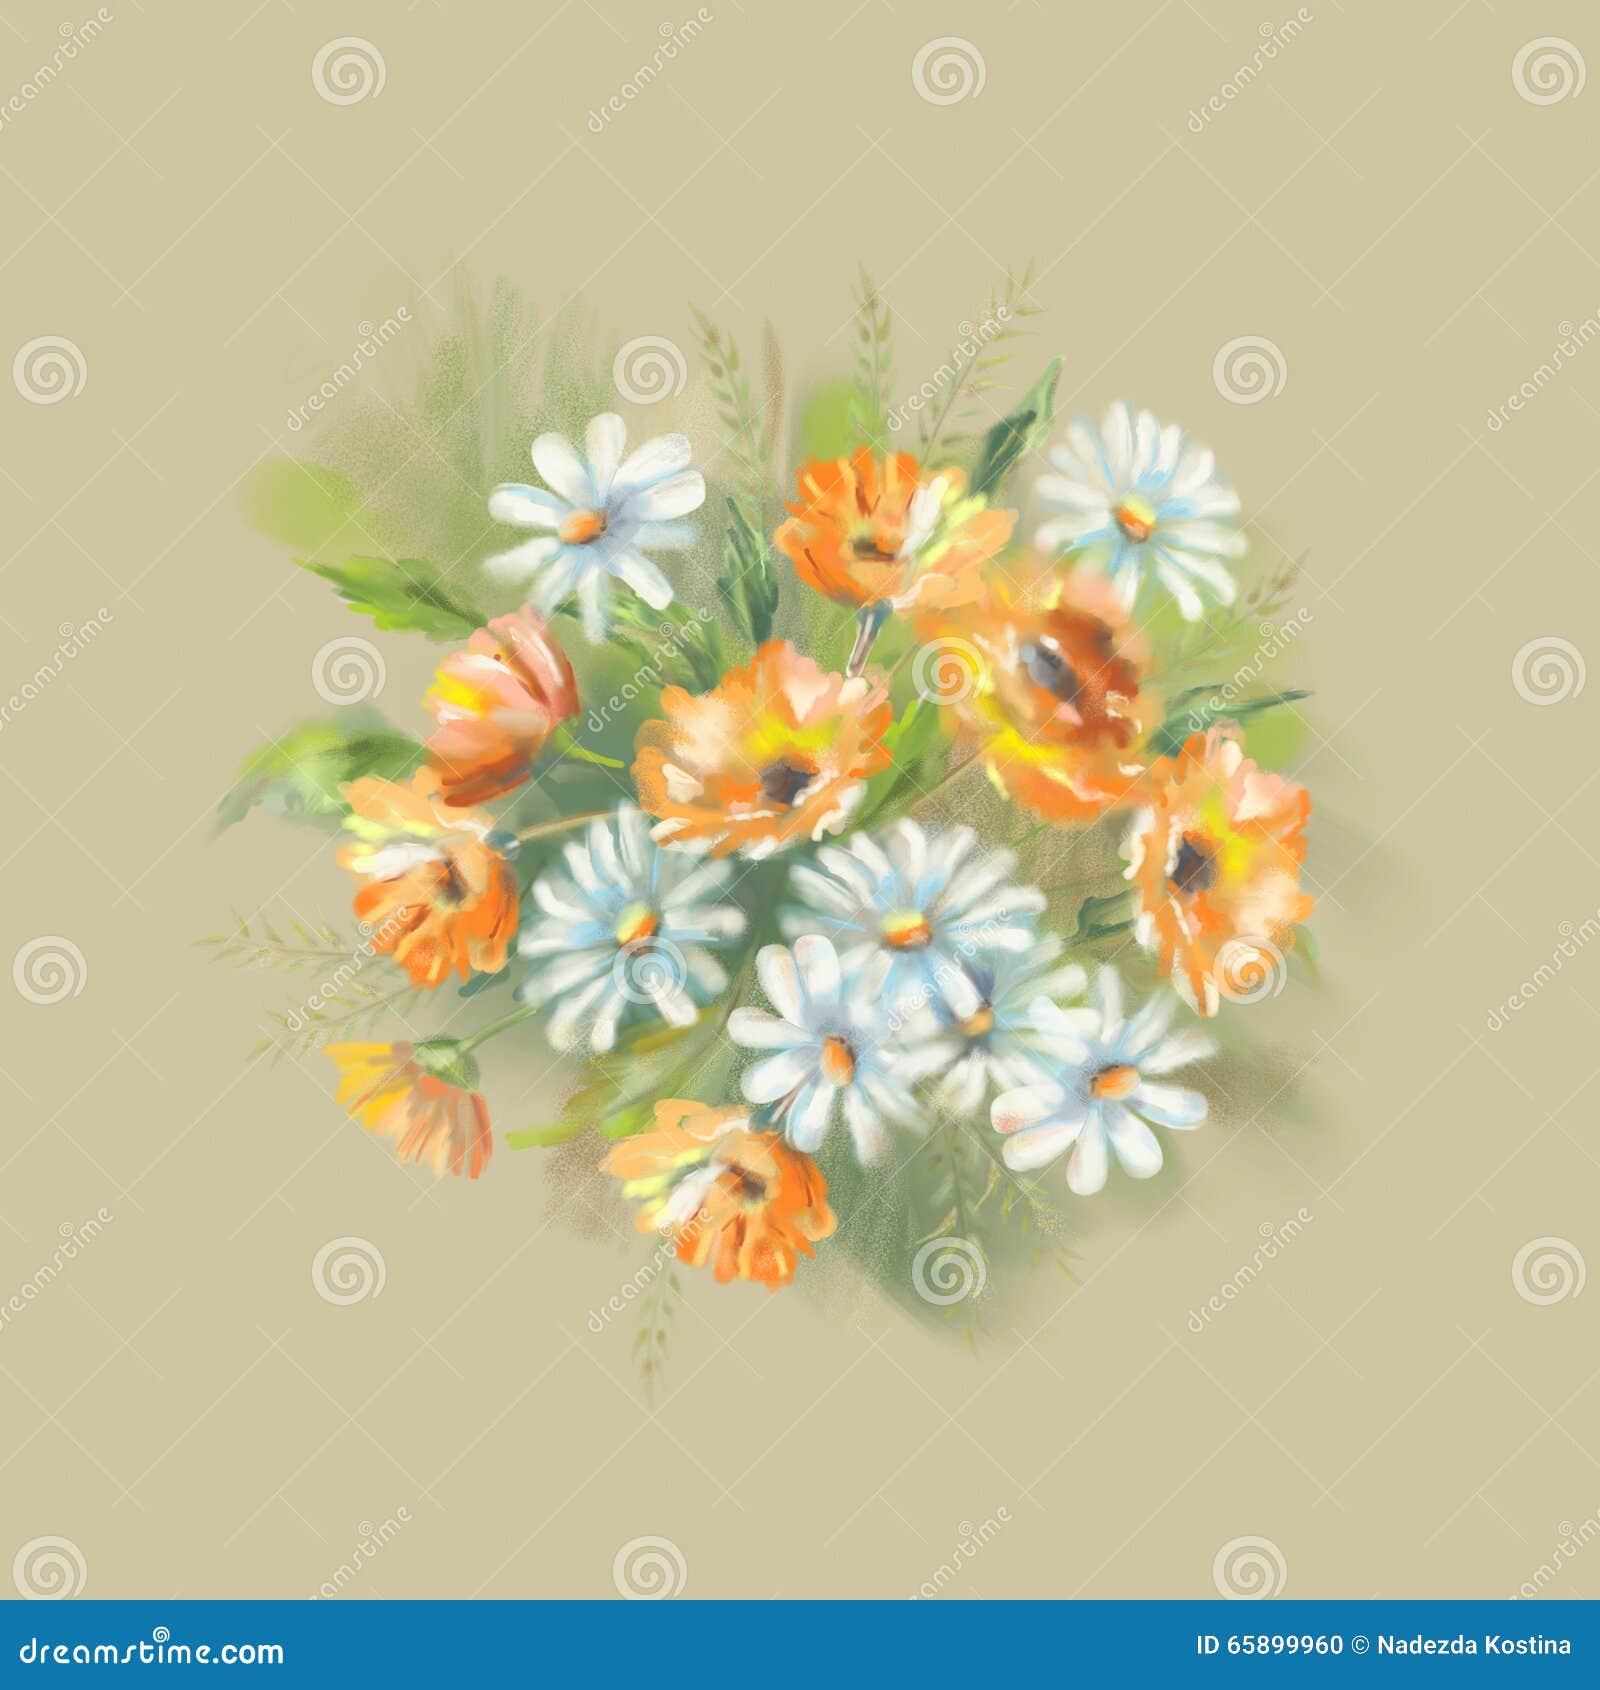 Dipinti di fiori mazzi di fiori in un vaso galleria for Fiori dipinti ad olio